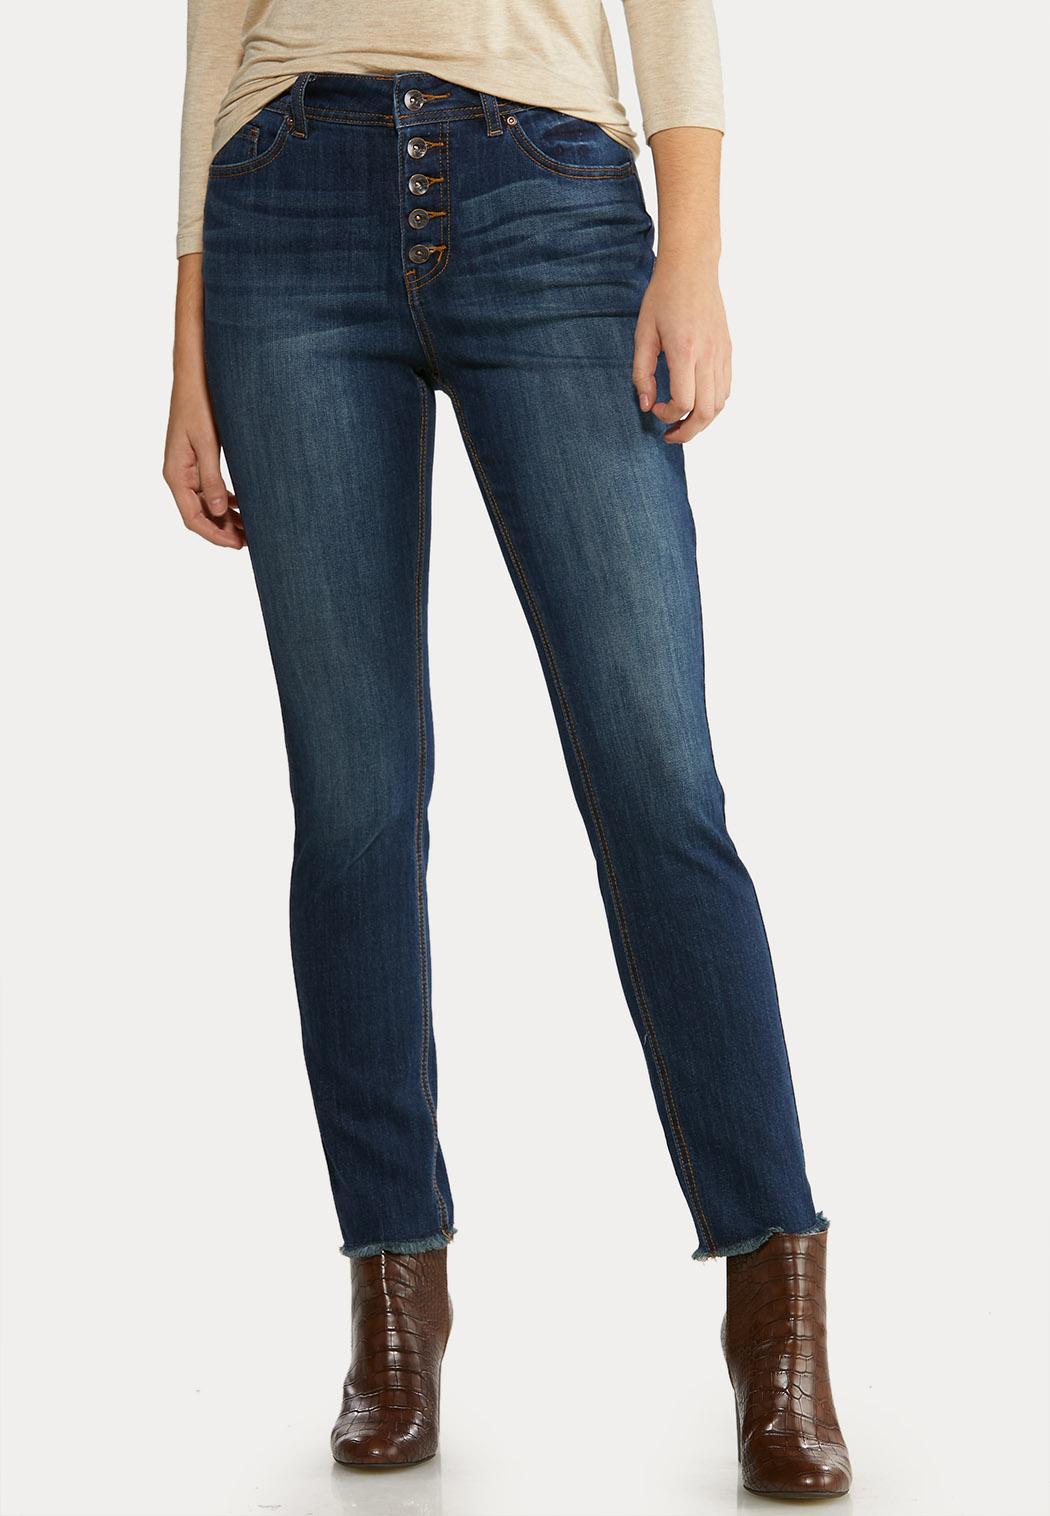 Eco-Friendly Skinny Jeans